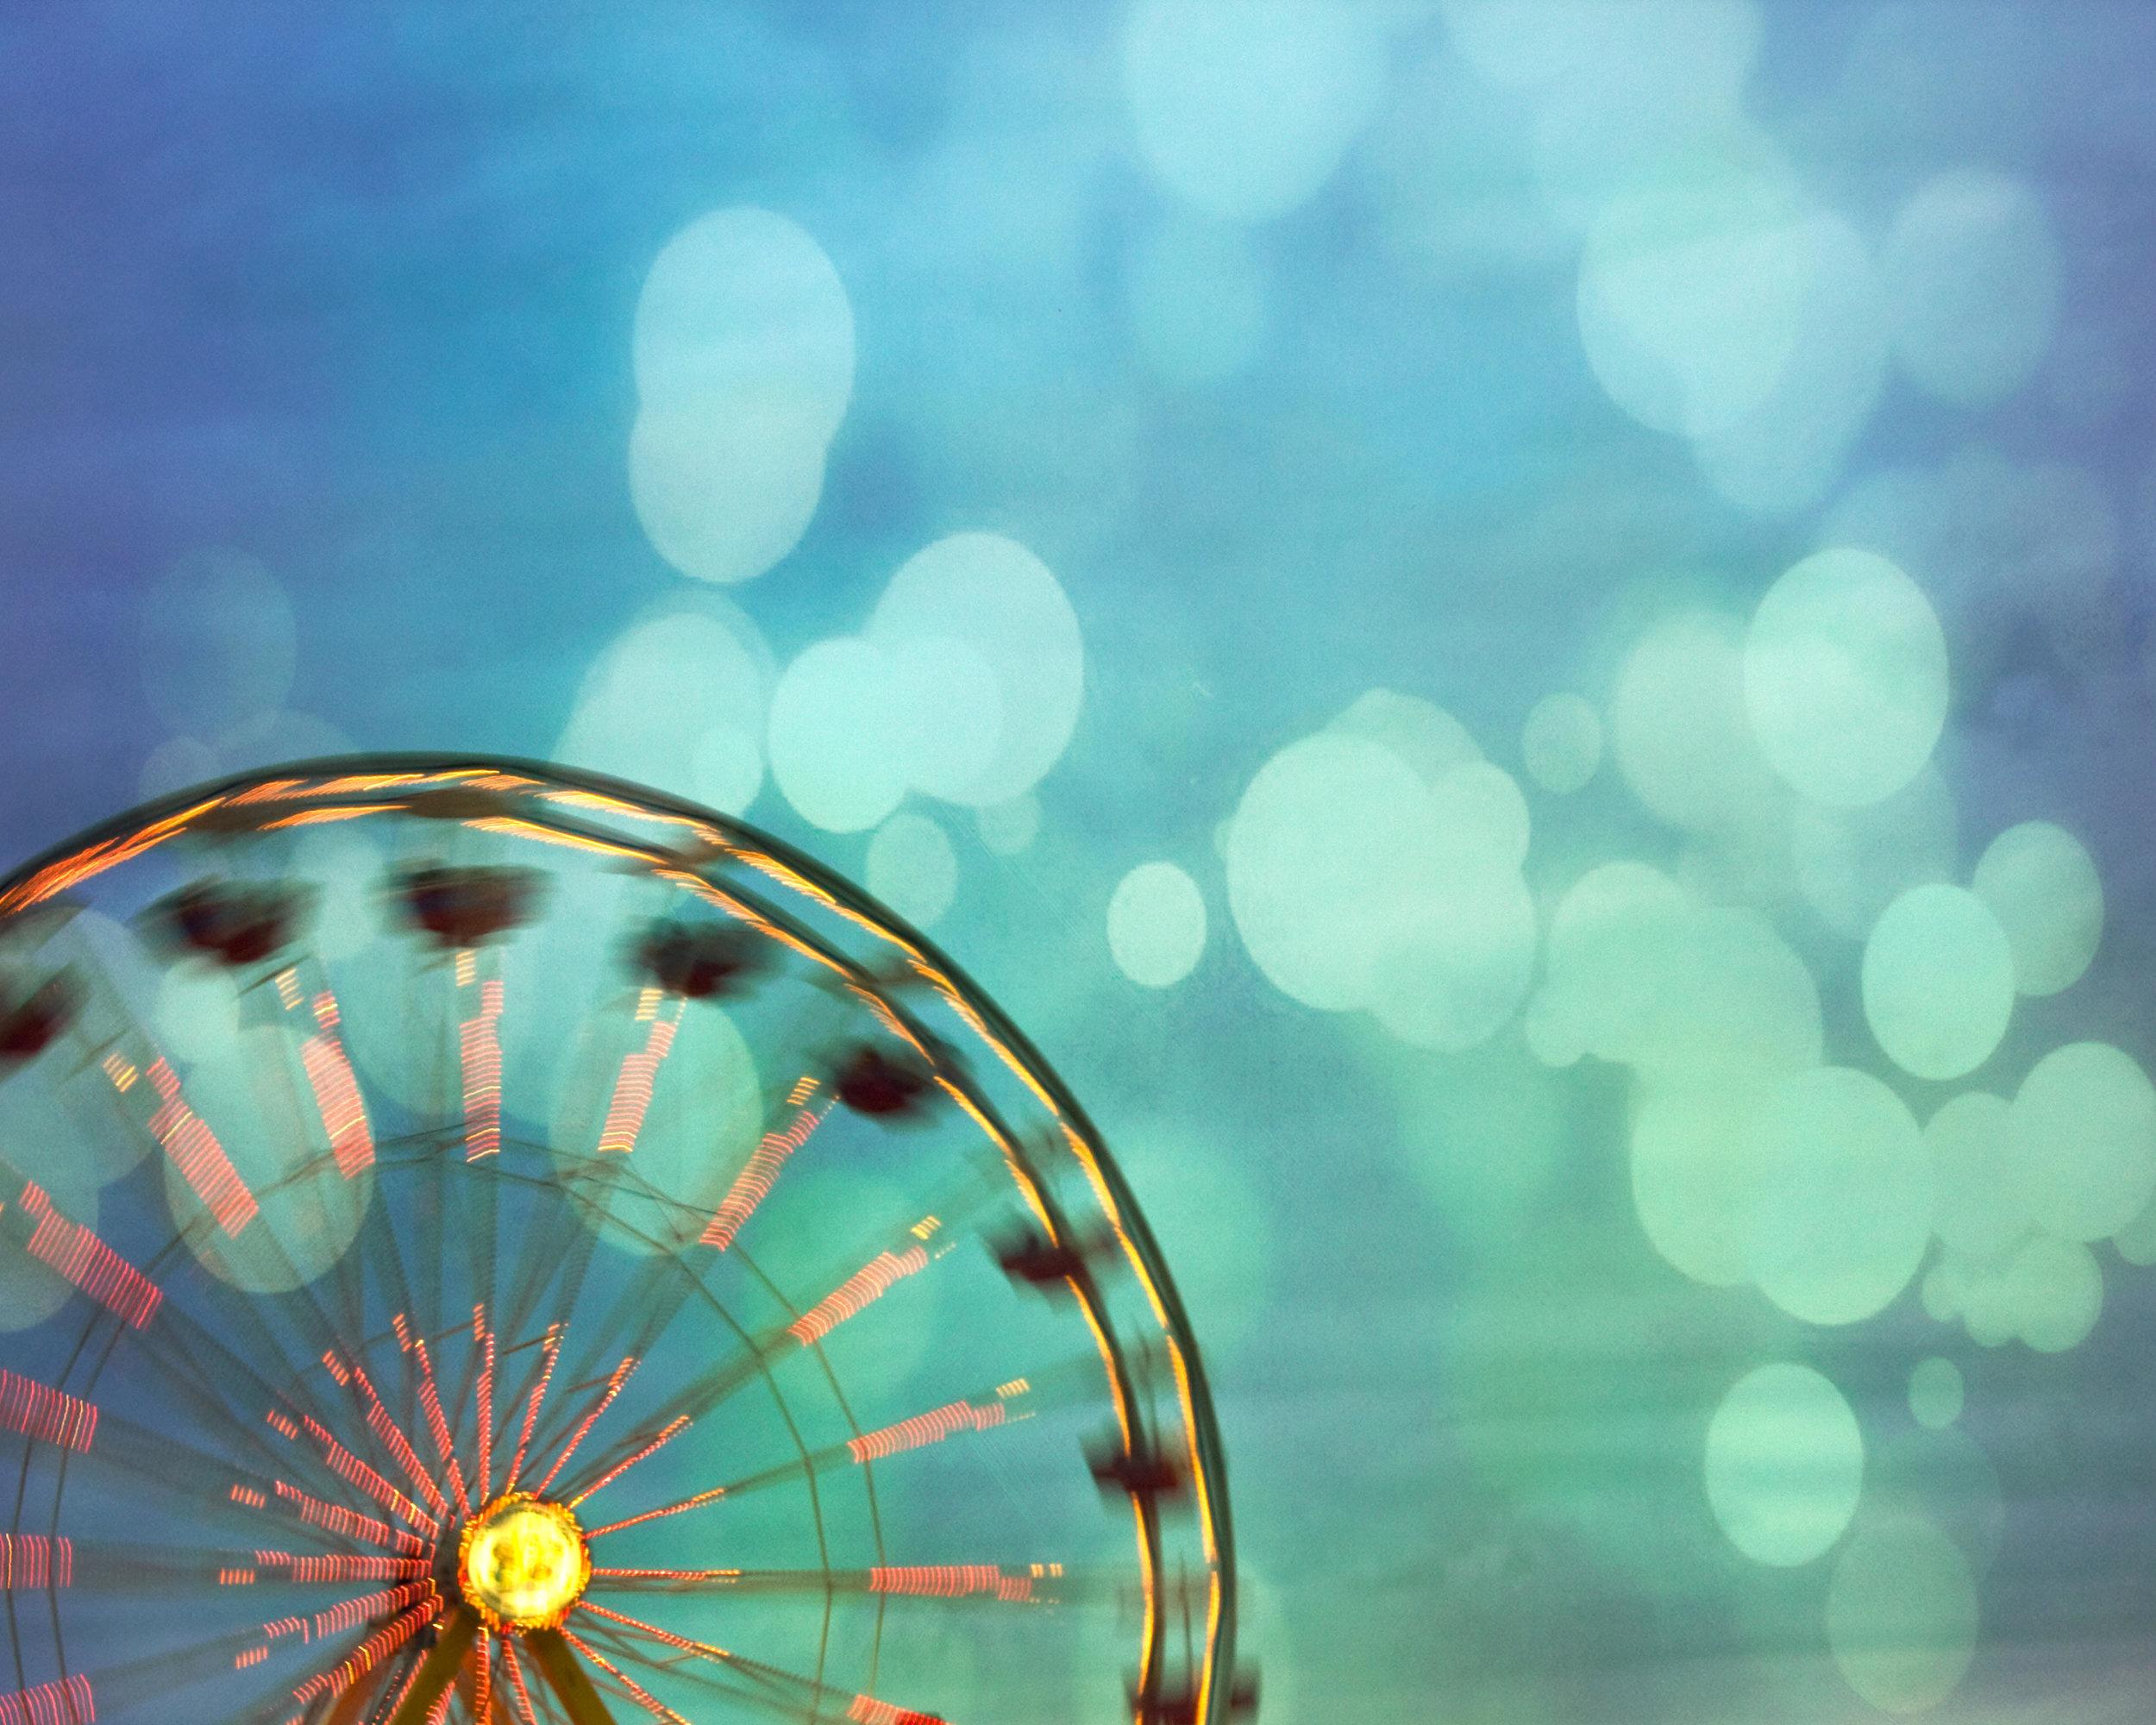 ferris_wheel-2270.jpg